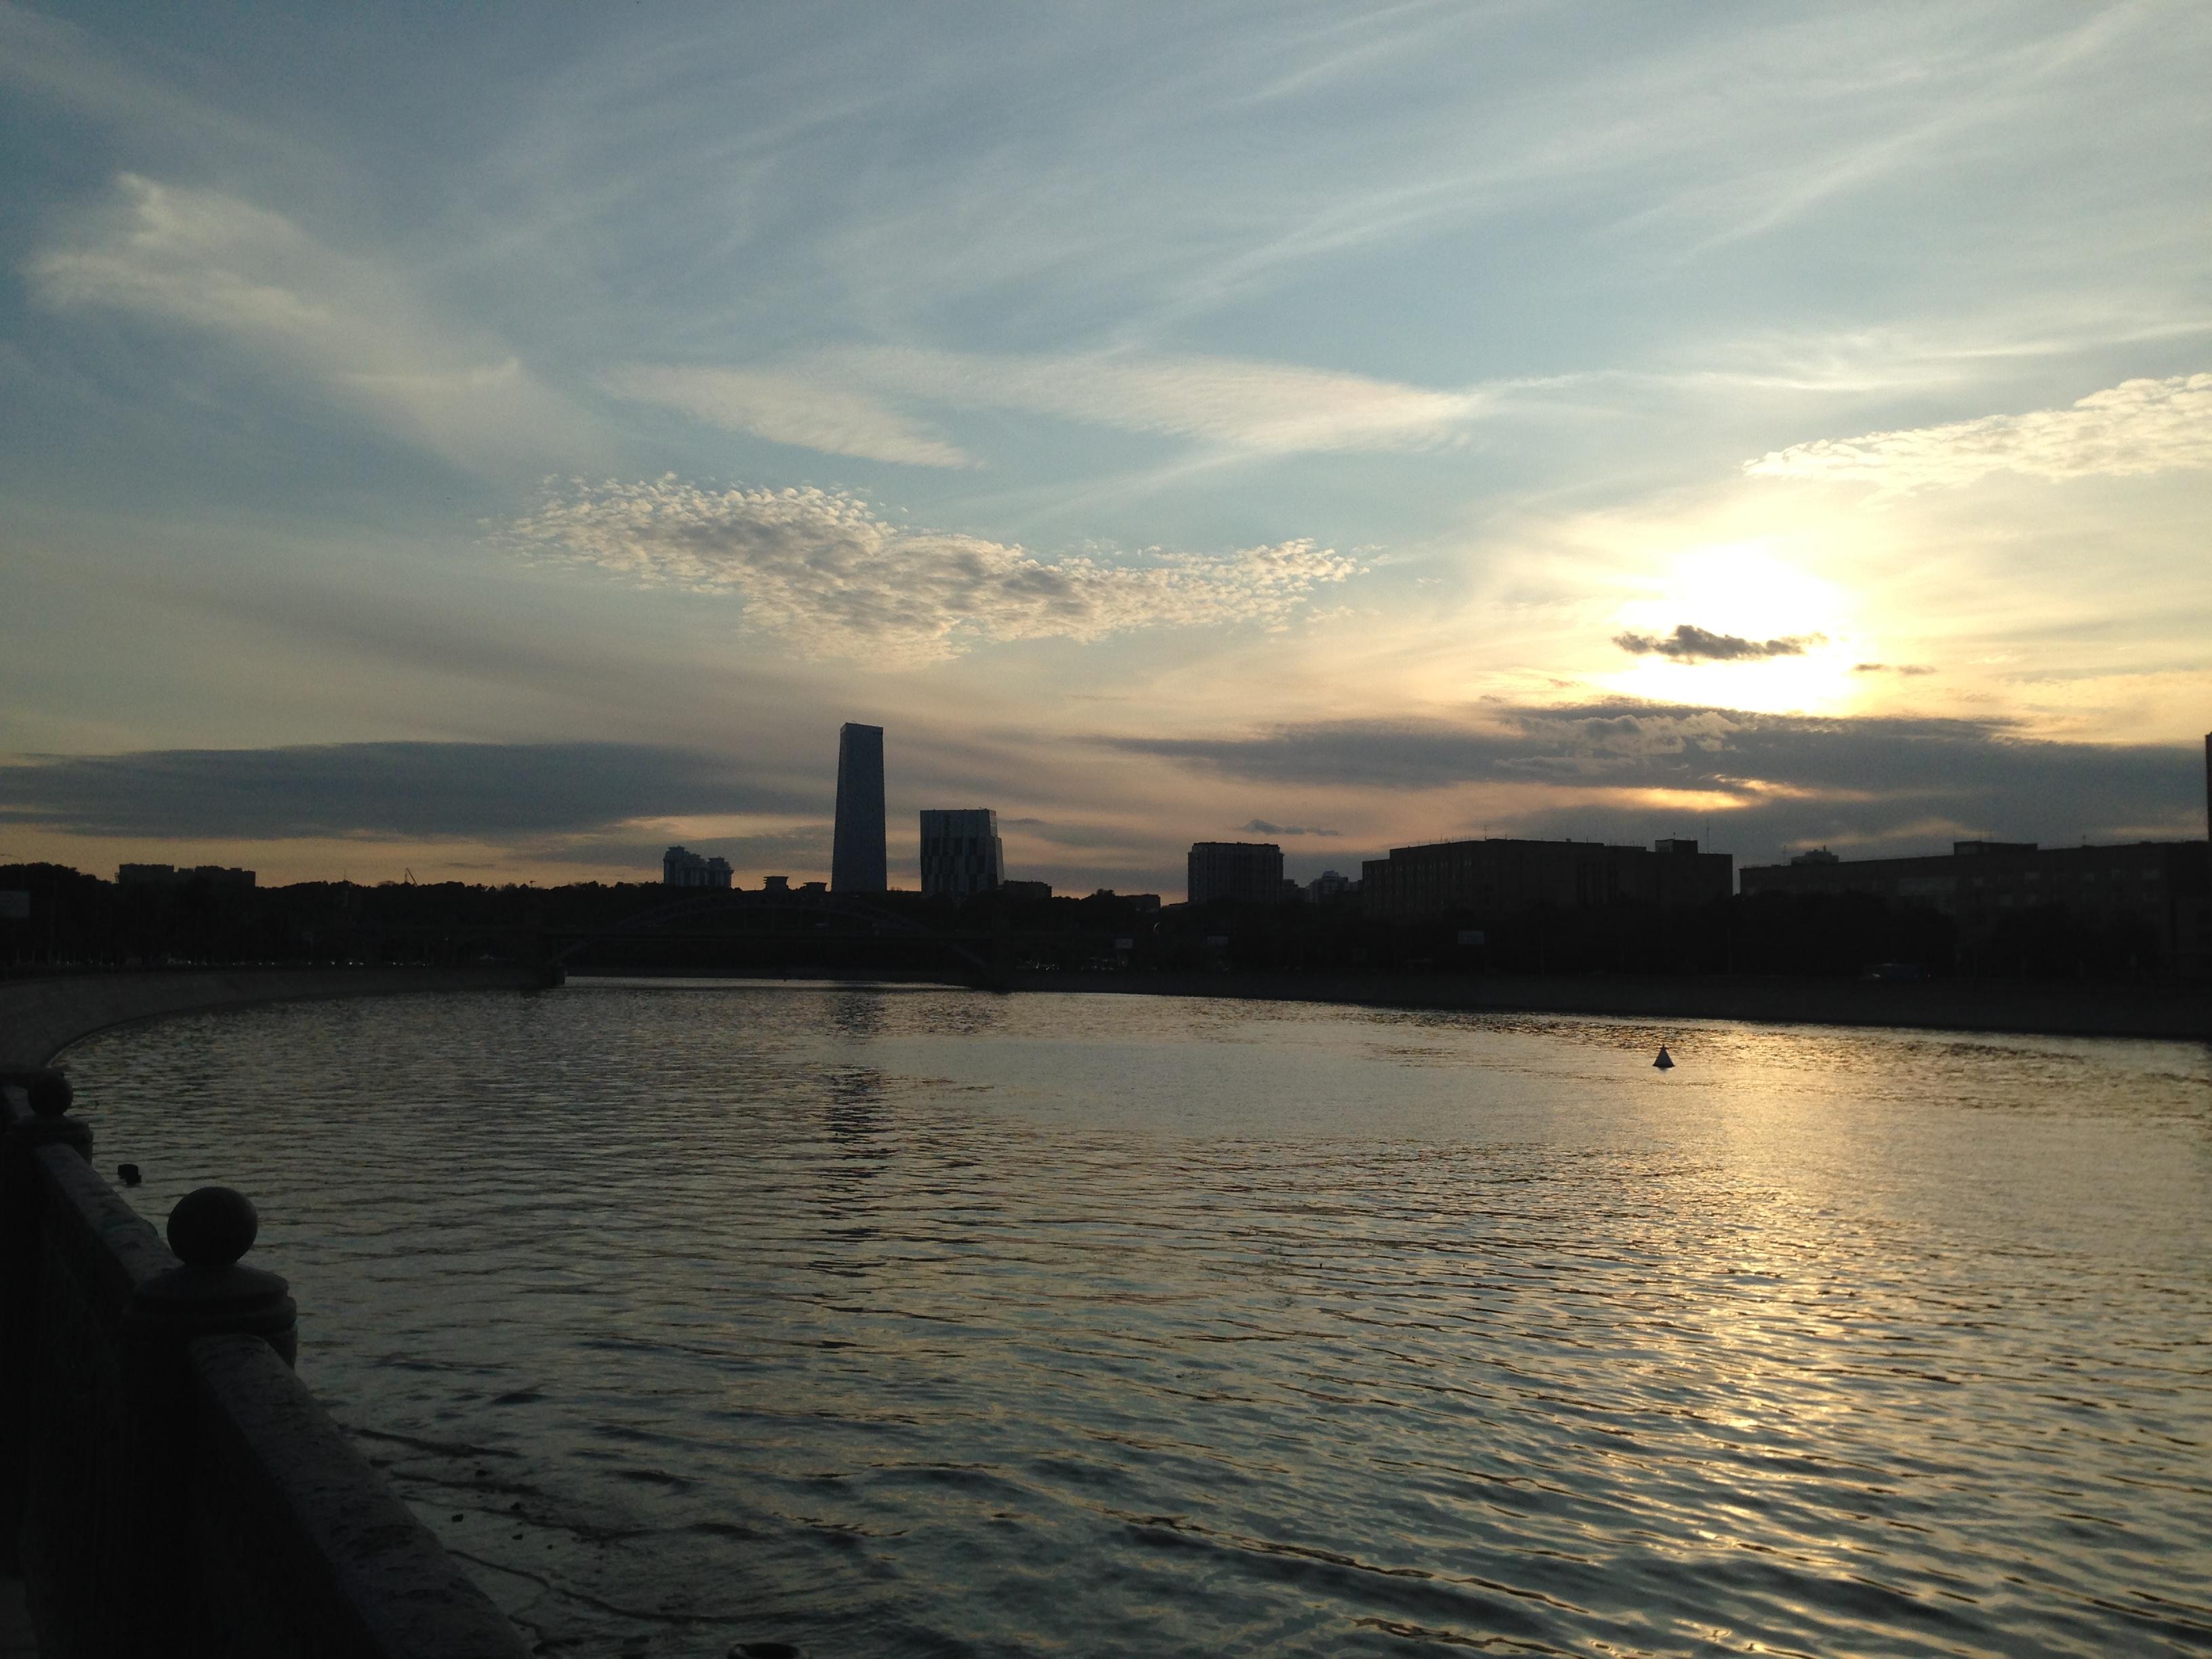 'Усы надежды' в районе Лужников. Блиц: небо в облаках